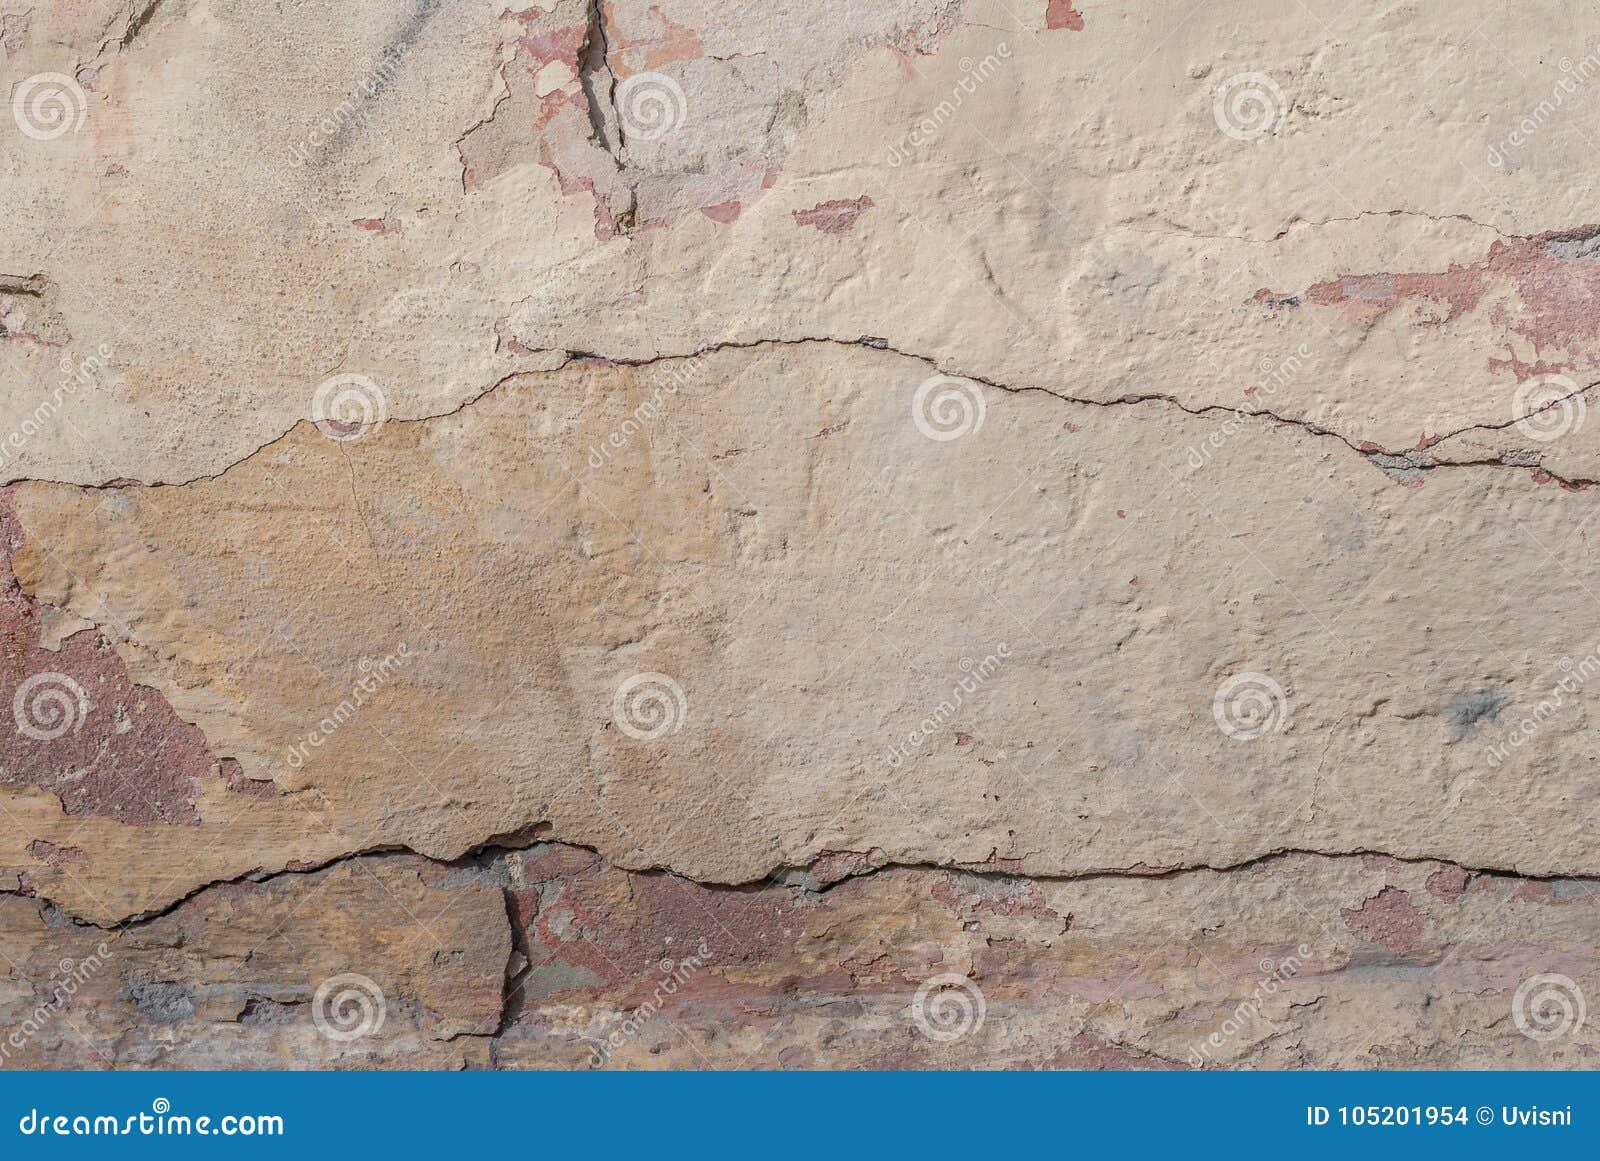 Stary odłupany tynk na betonowej ścianie, szczerbiąca się farba, beżowa tekstura, tło